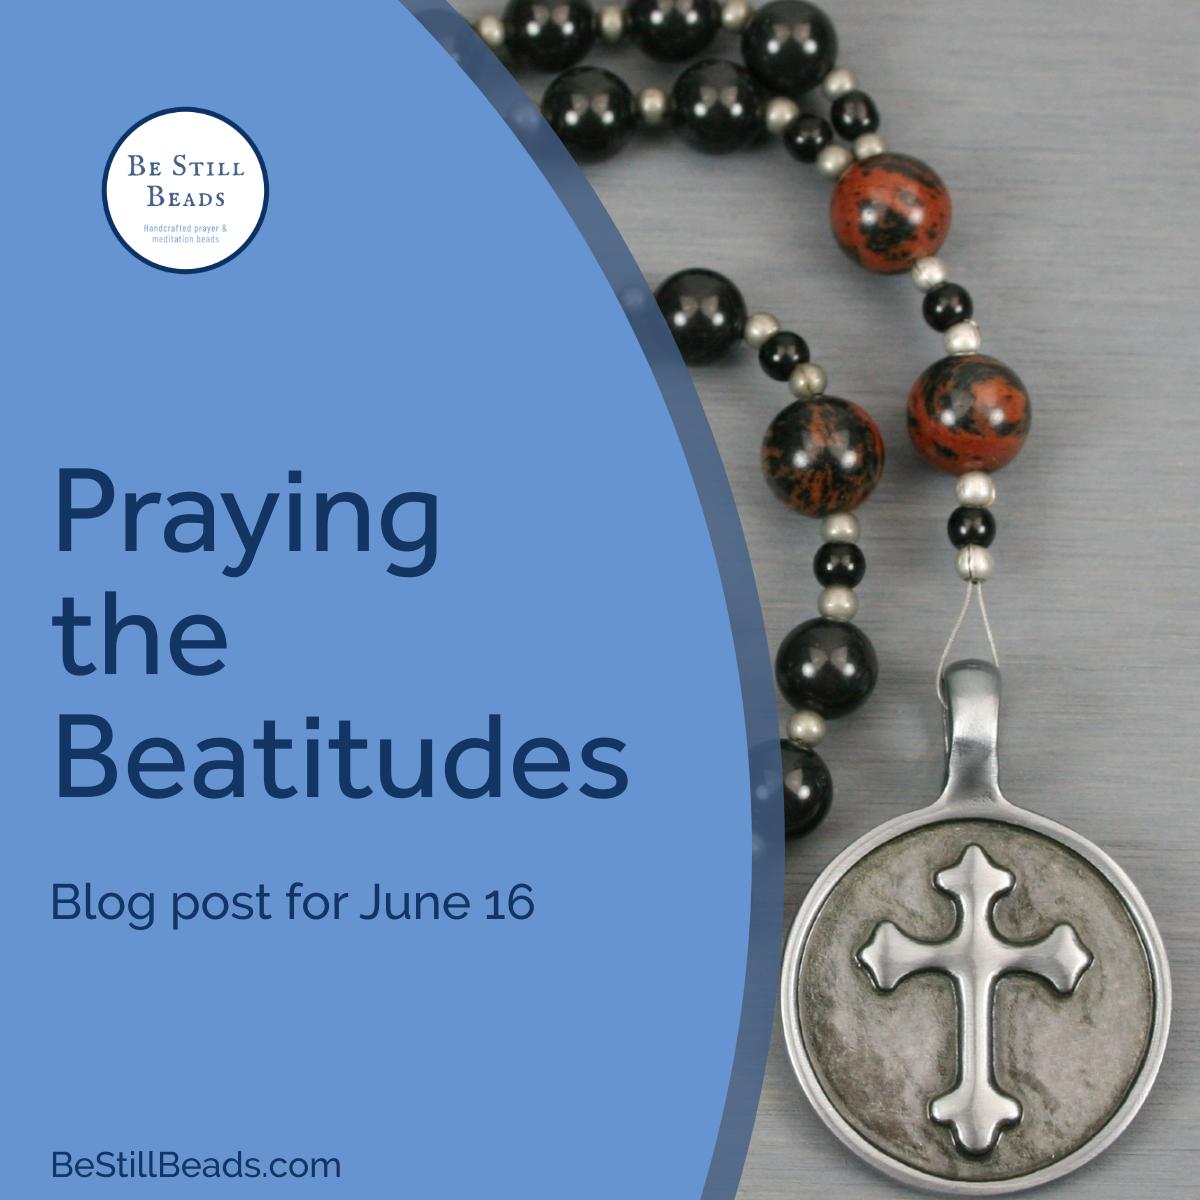 Praying the Beatitudes